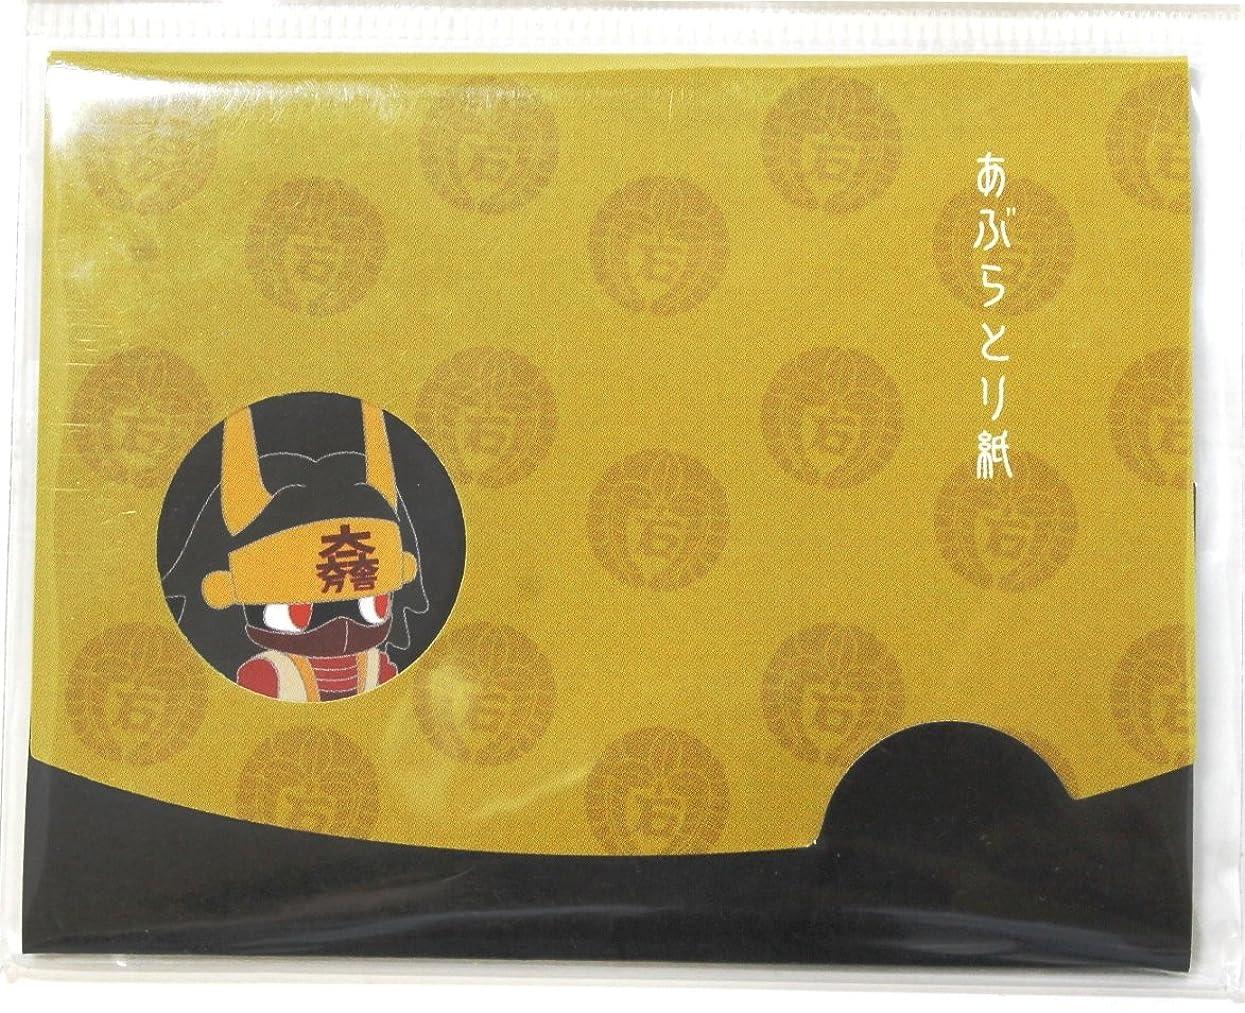 洗練された愛国的な受け皿時代屋 オリジナル あぶら取り紙 50枚入り 石田三成